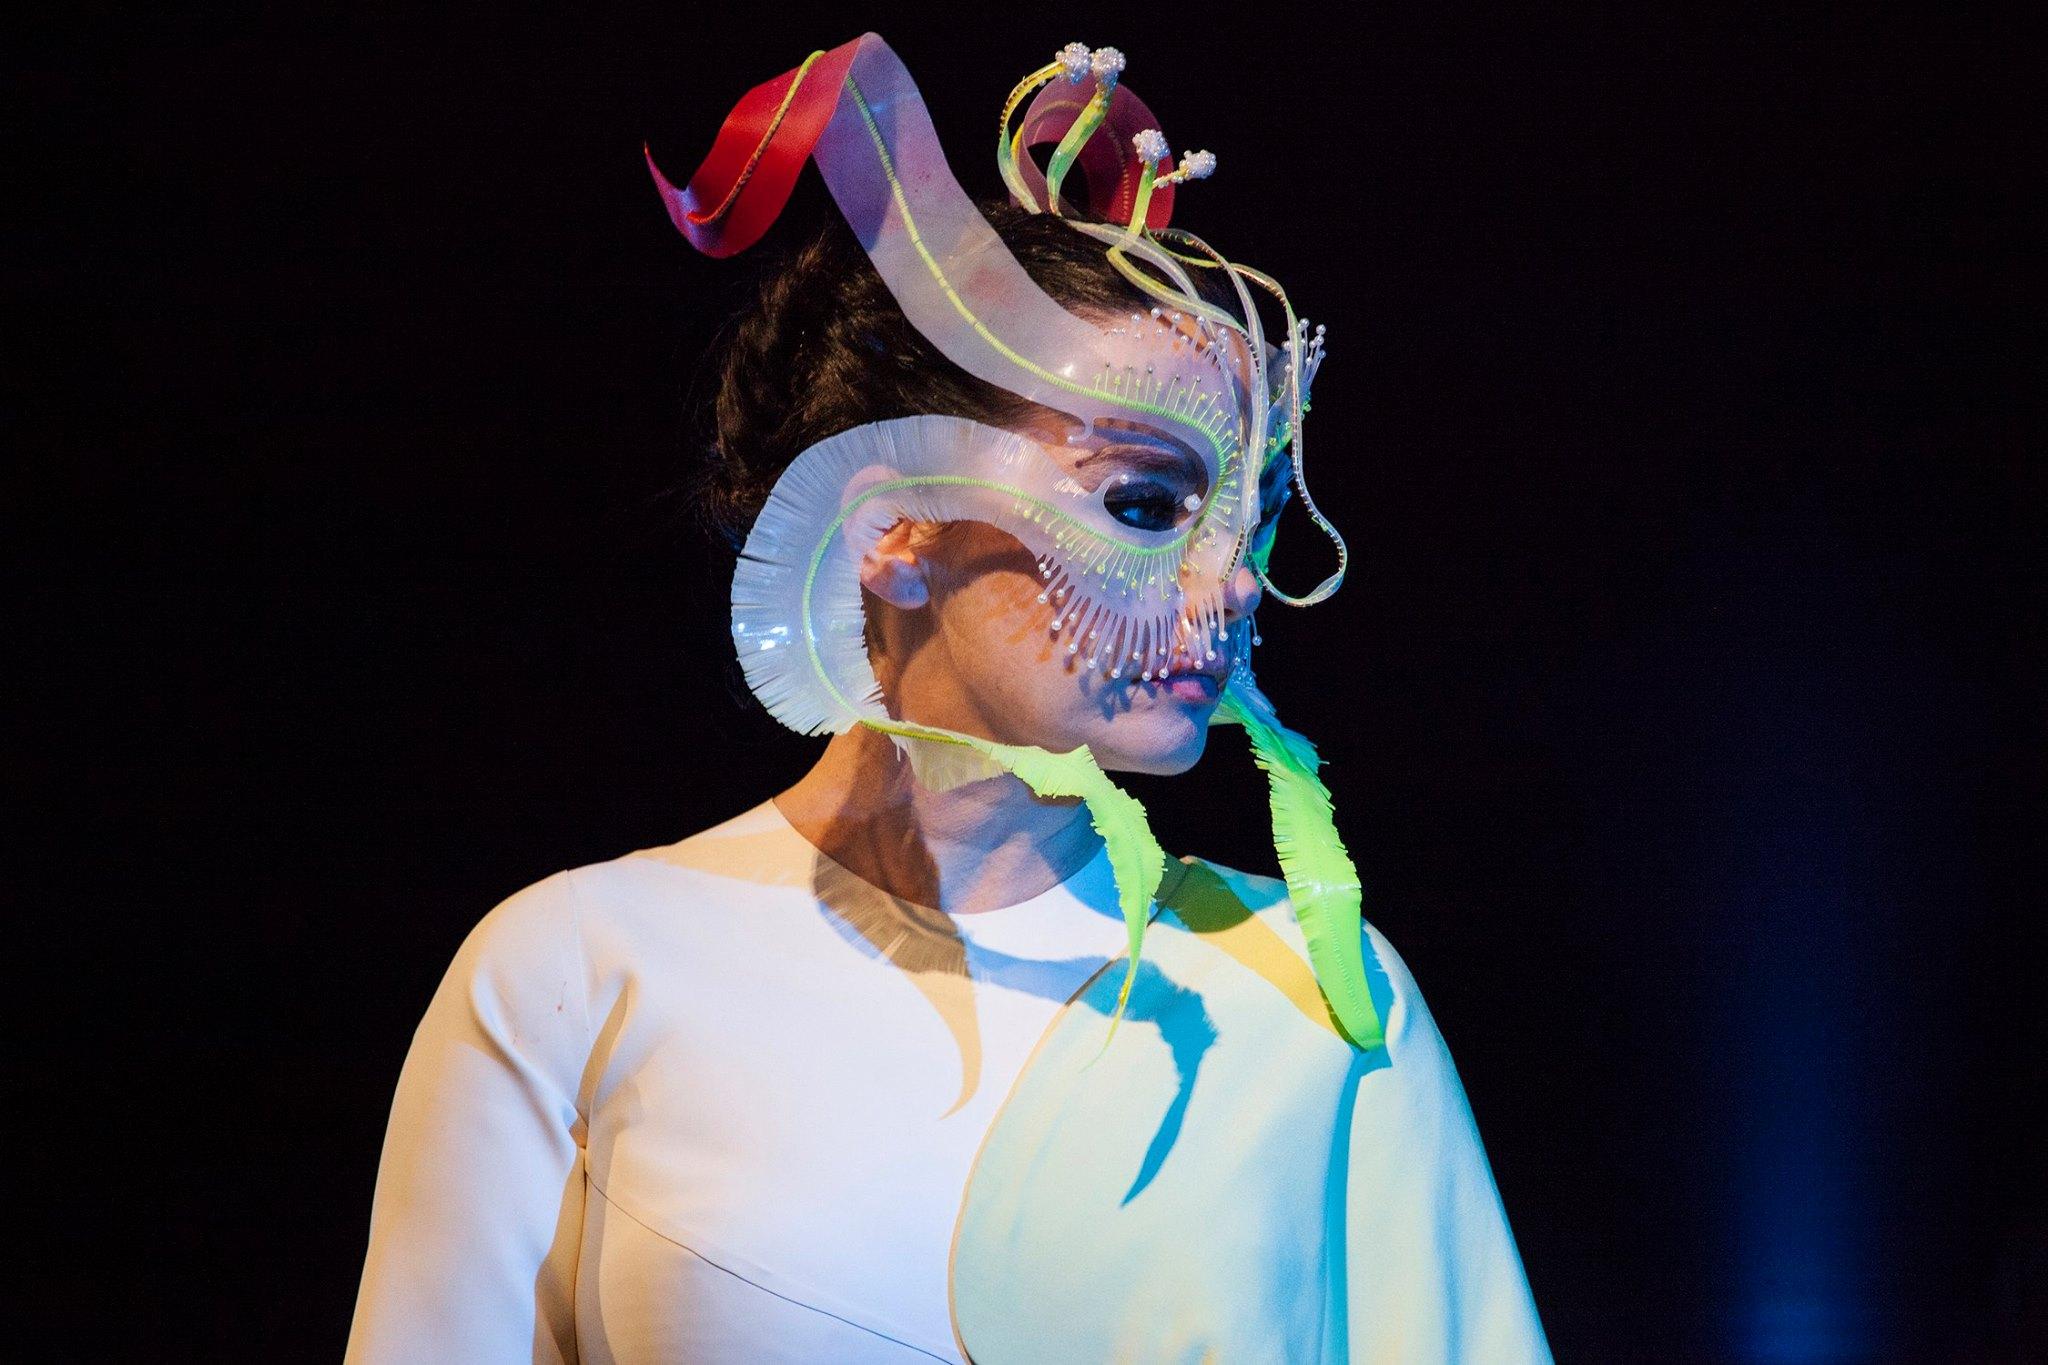 James Merrys arbeid er unikt i Björks presentasjoner